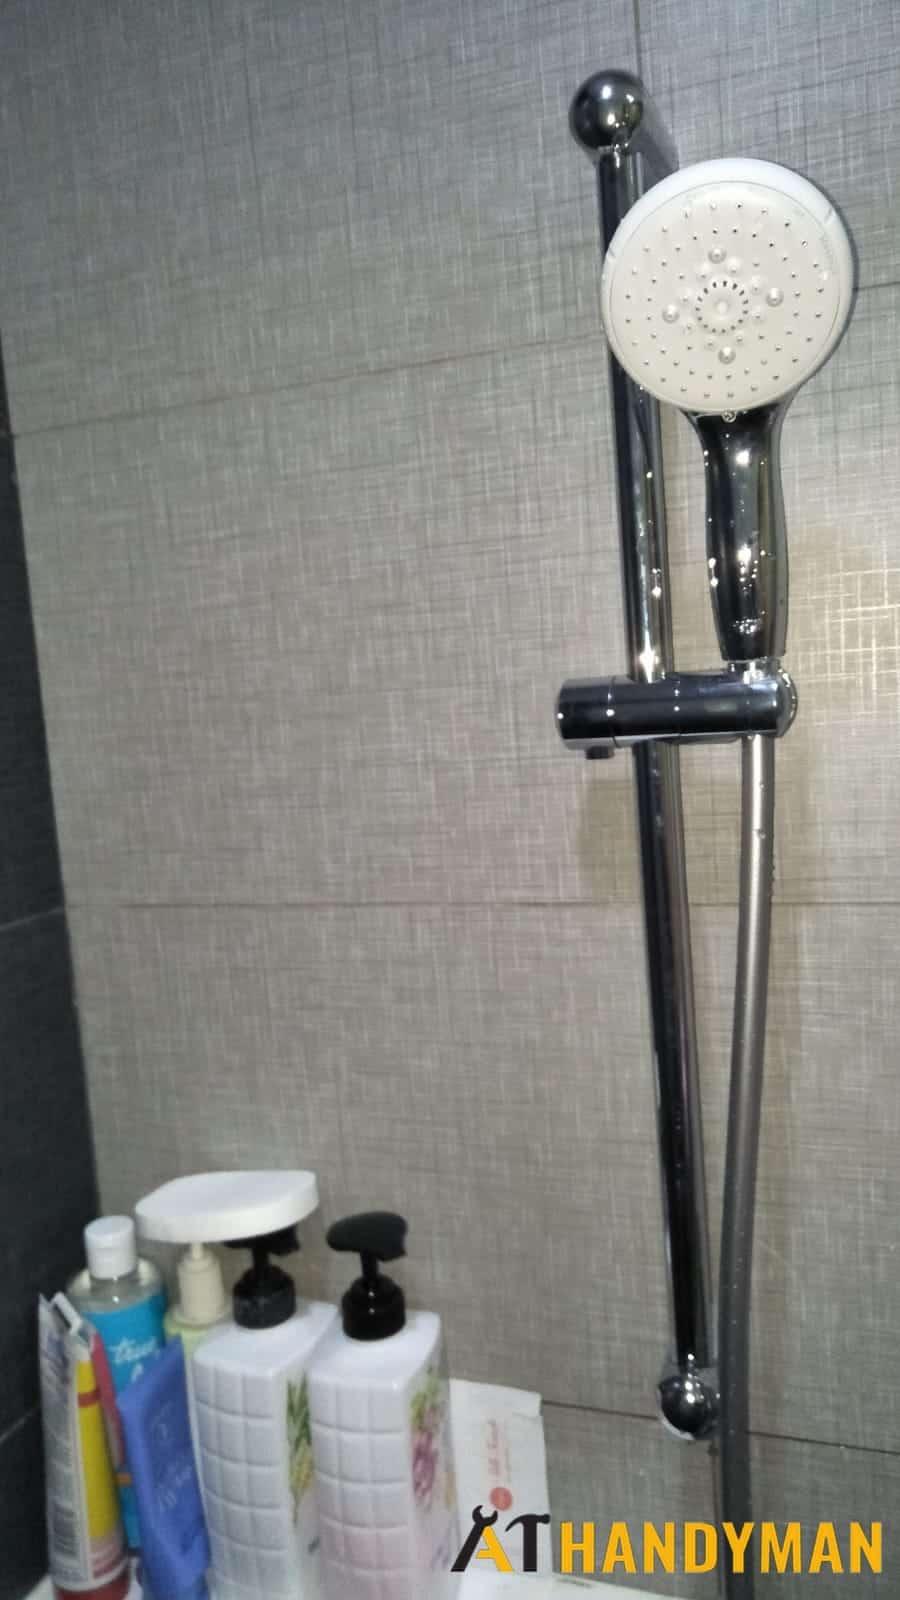 install-shower-set-bathroom-drilling-services-a1-handyman-singapore-condo-lengkong-tujoh-2_wm